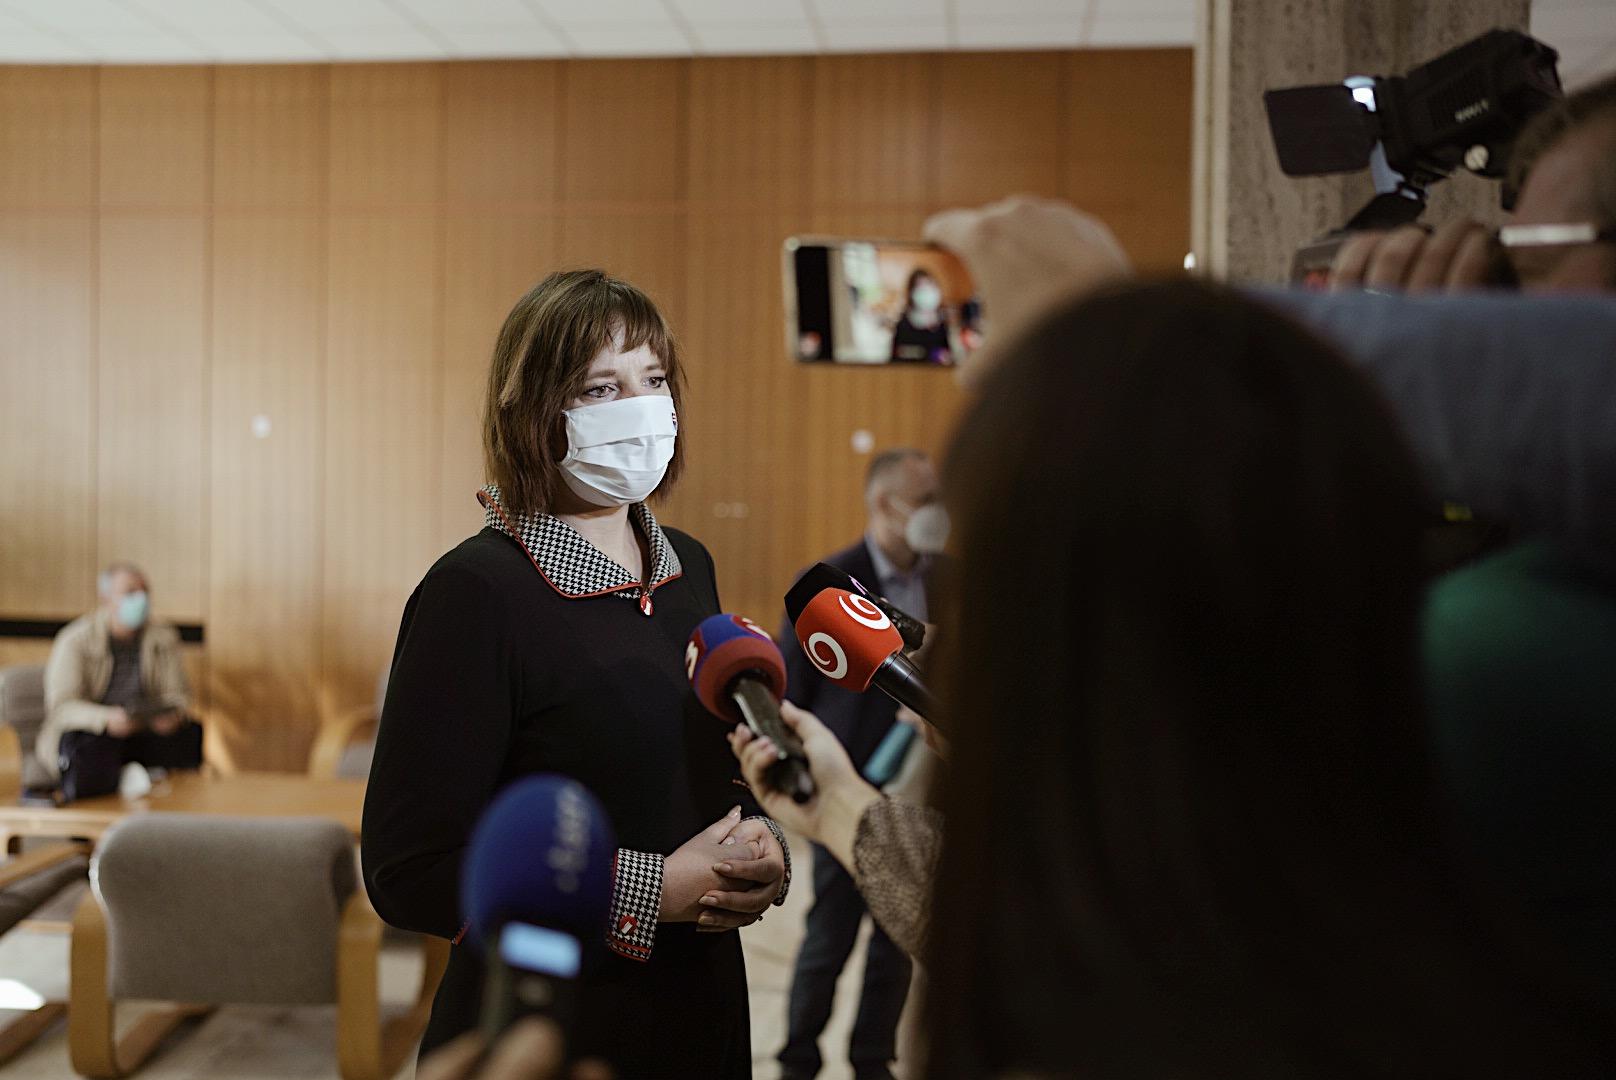 Vicepremiérka Remišová: Zlepšujeme sociálne služby v regiónoch, z 26 miliónov eur podporíme aj ochranu detí, či budovanie jaslí